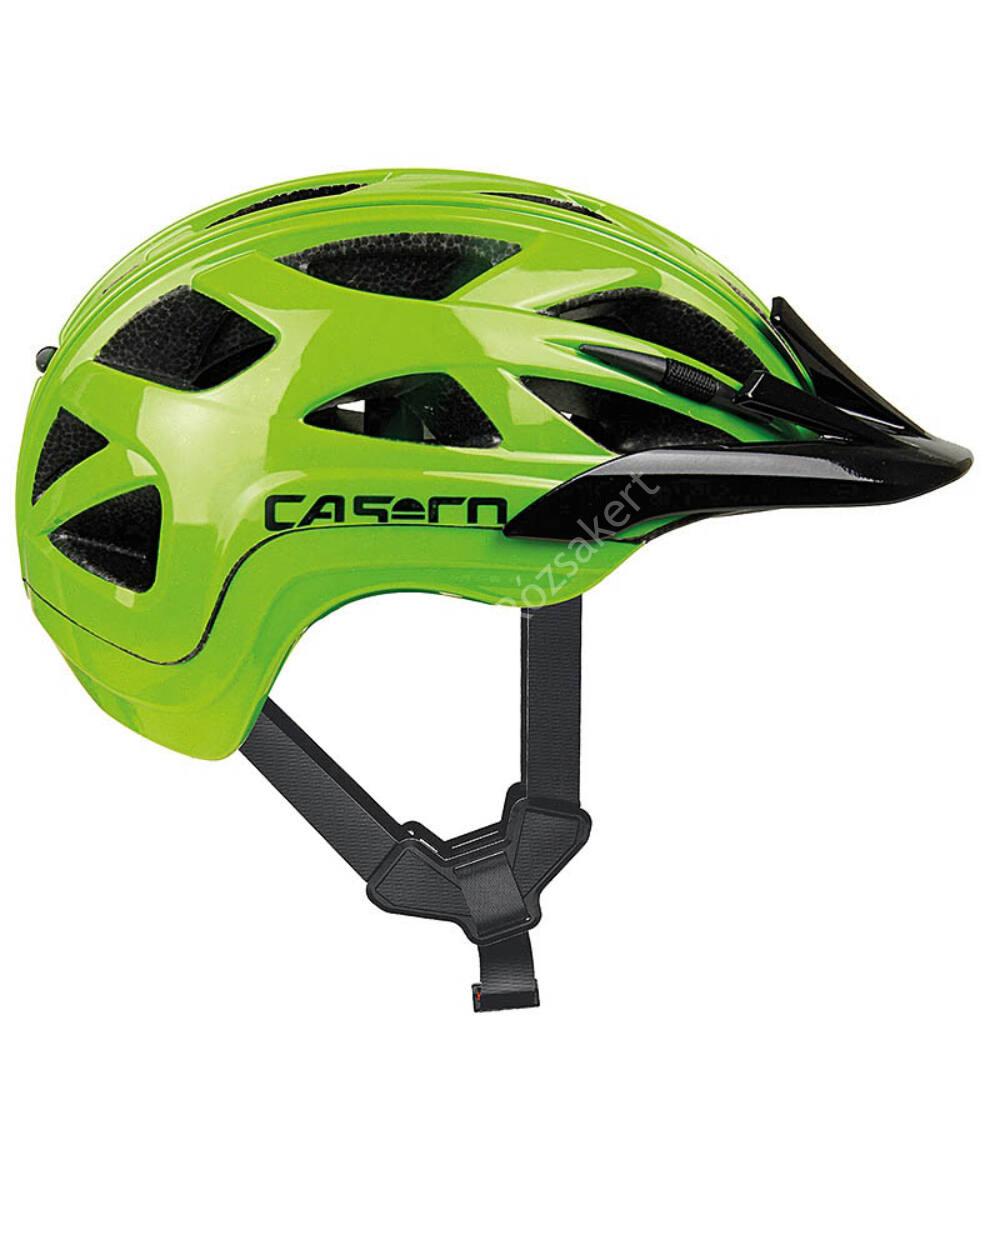 Casco Activ 2 Junior bukósisak, 52-56cm, zöld